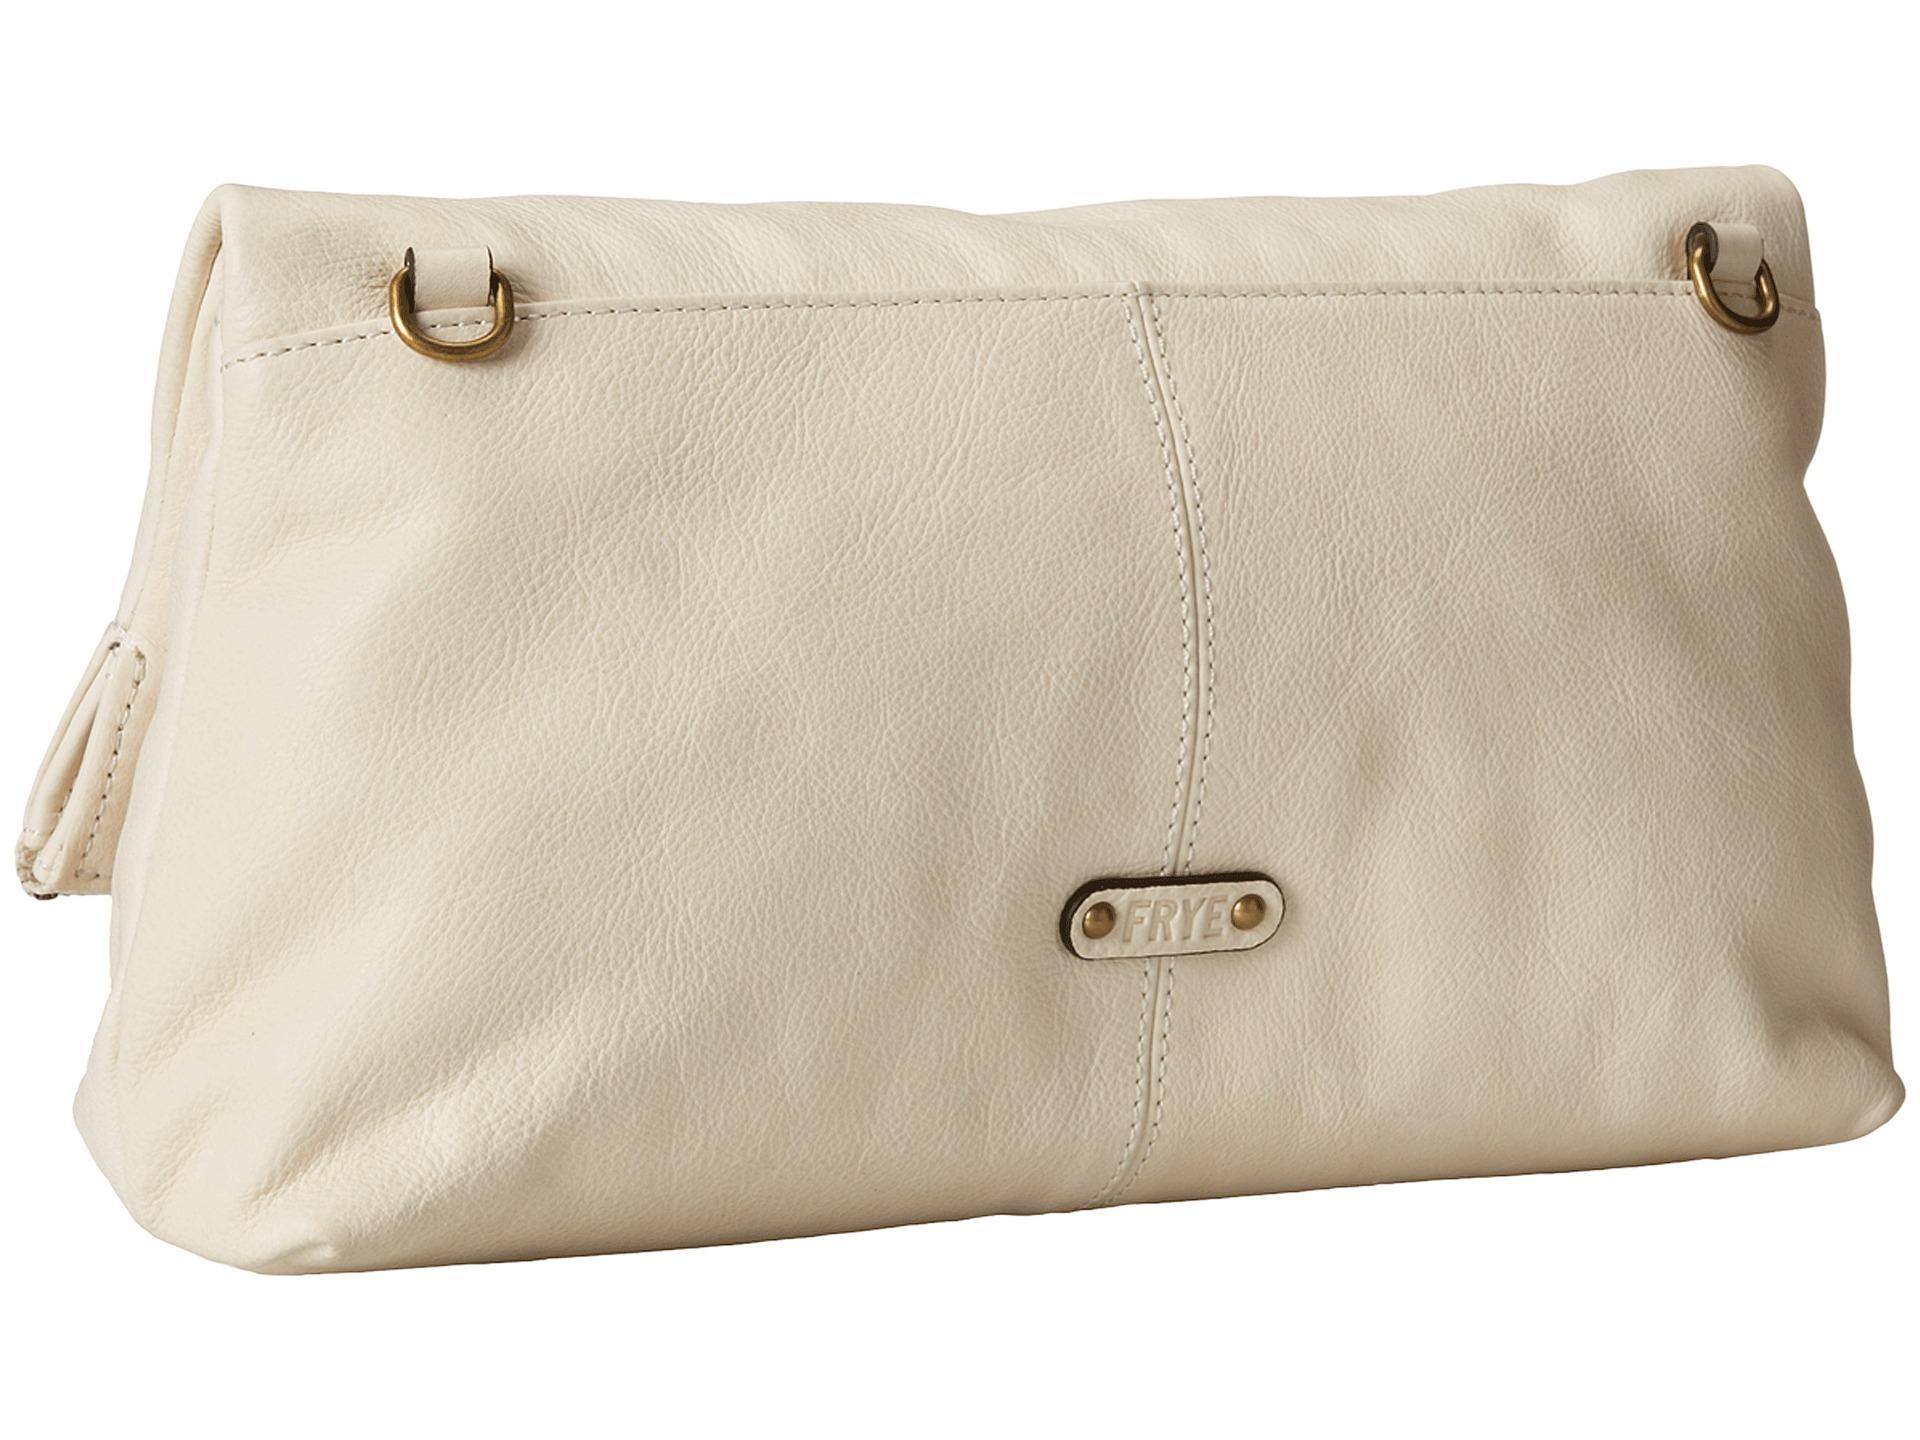 Karen Millen Magnetic Clutch Bags Handbags For Women For Sale